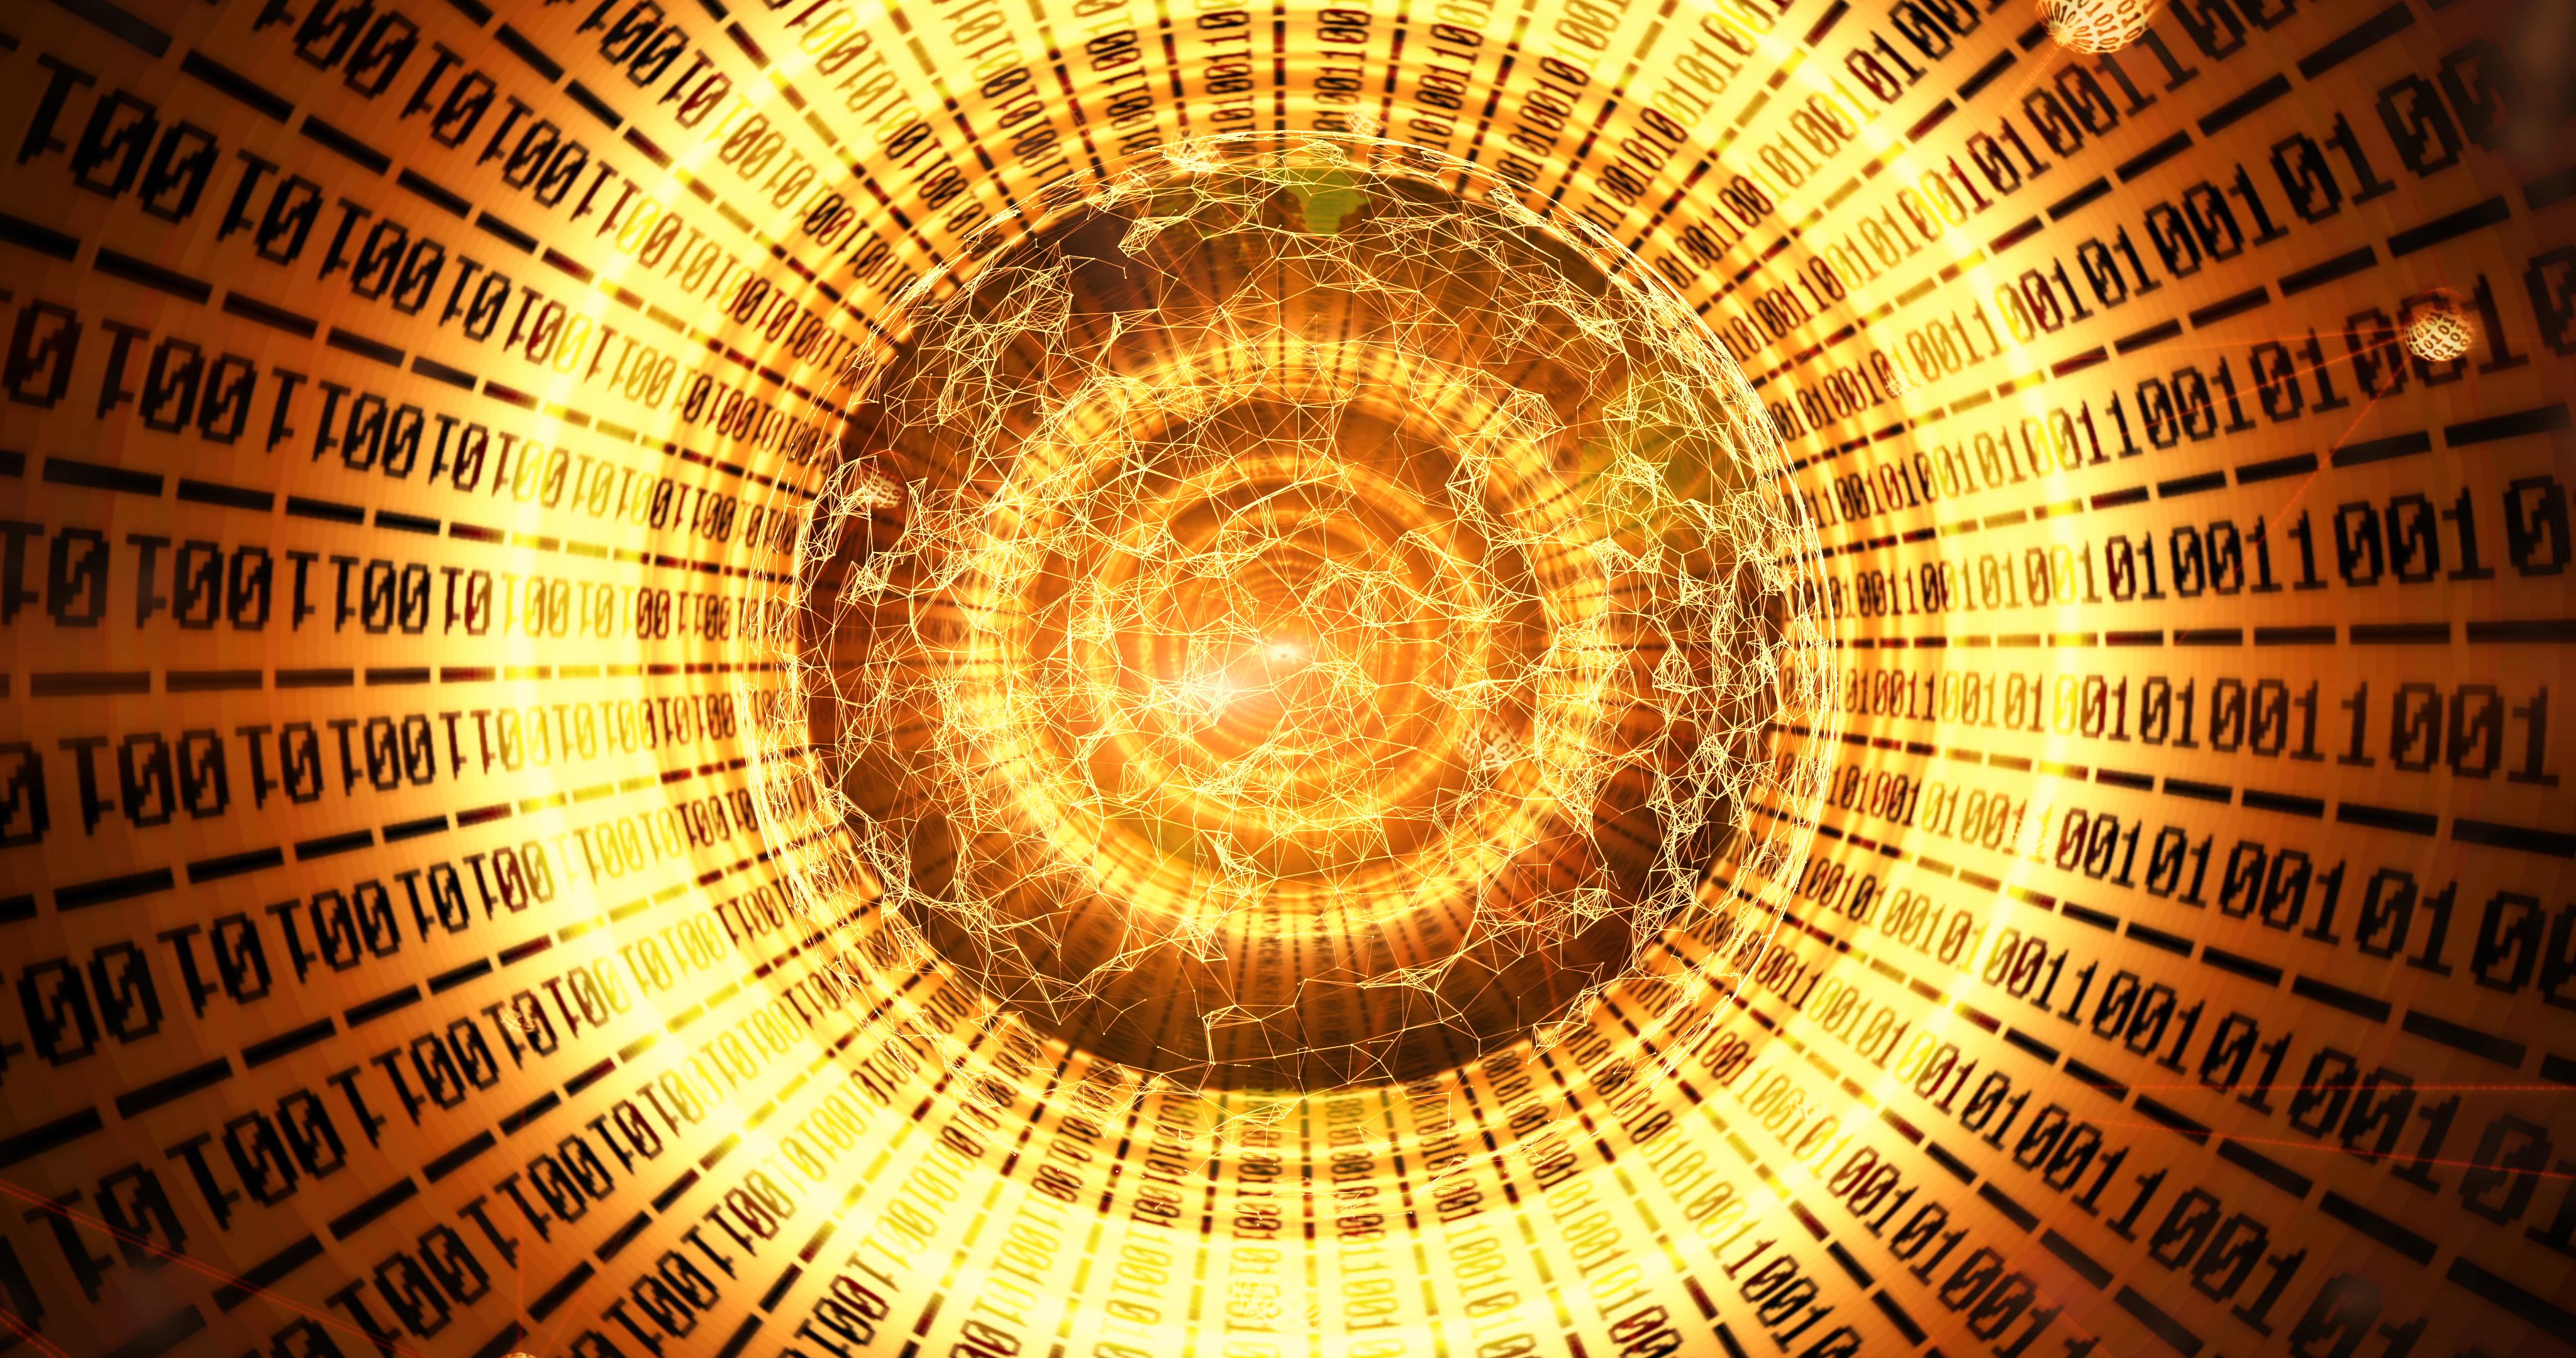 La computación cuántica híbrida potenciará también la clásica